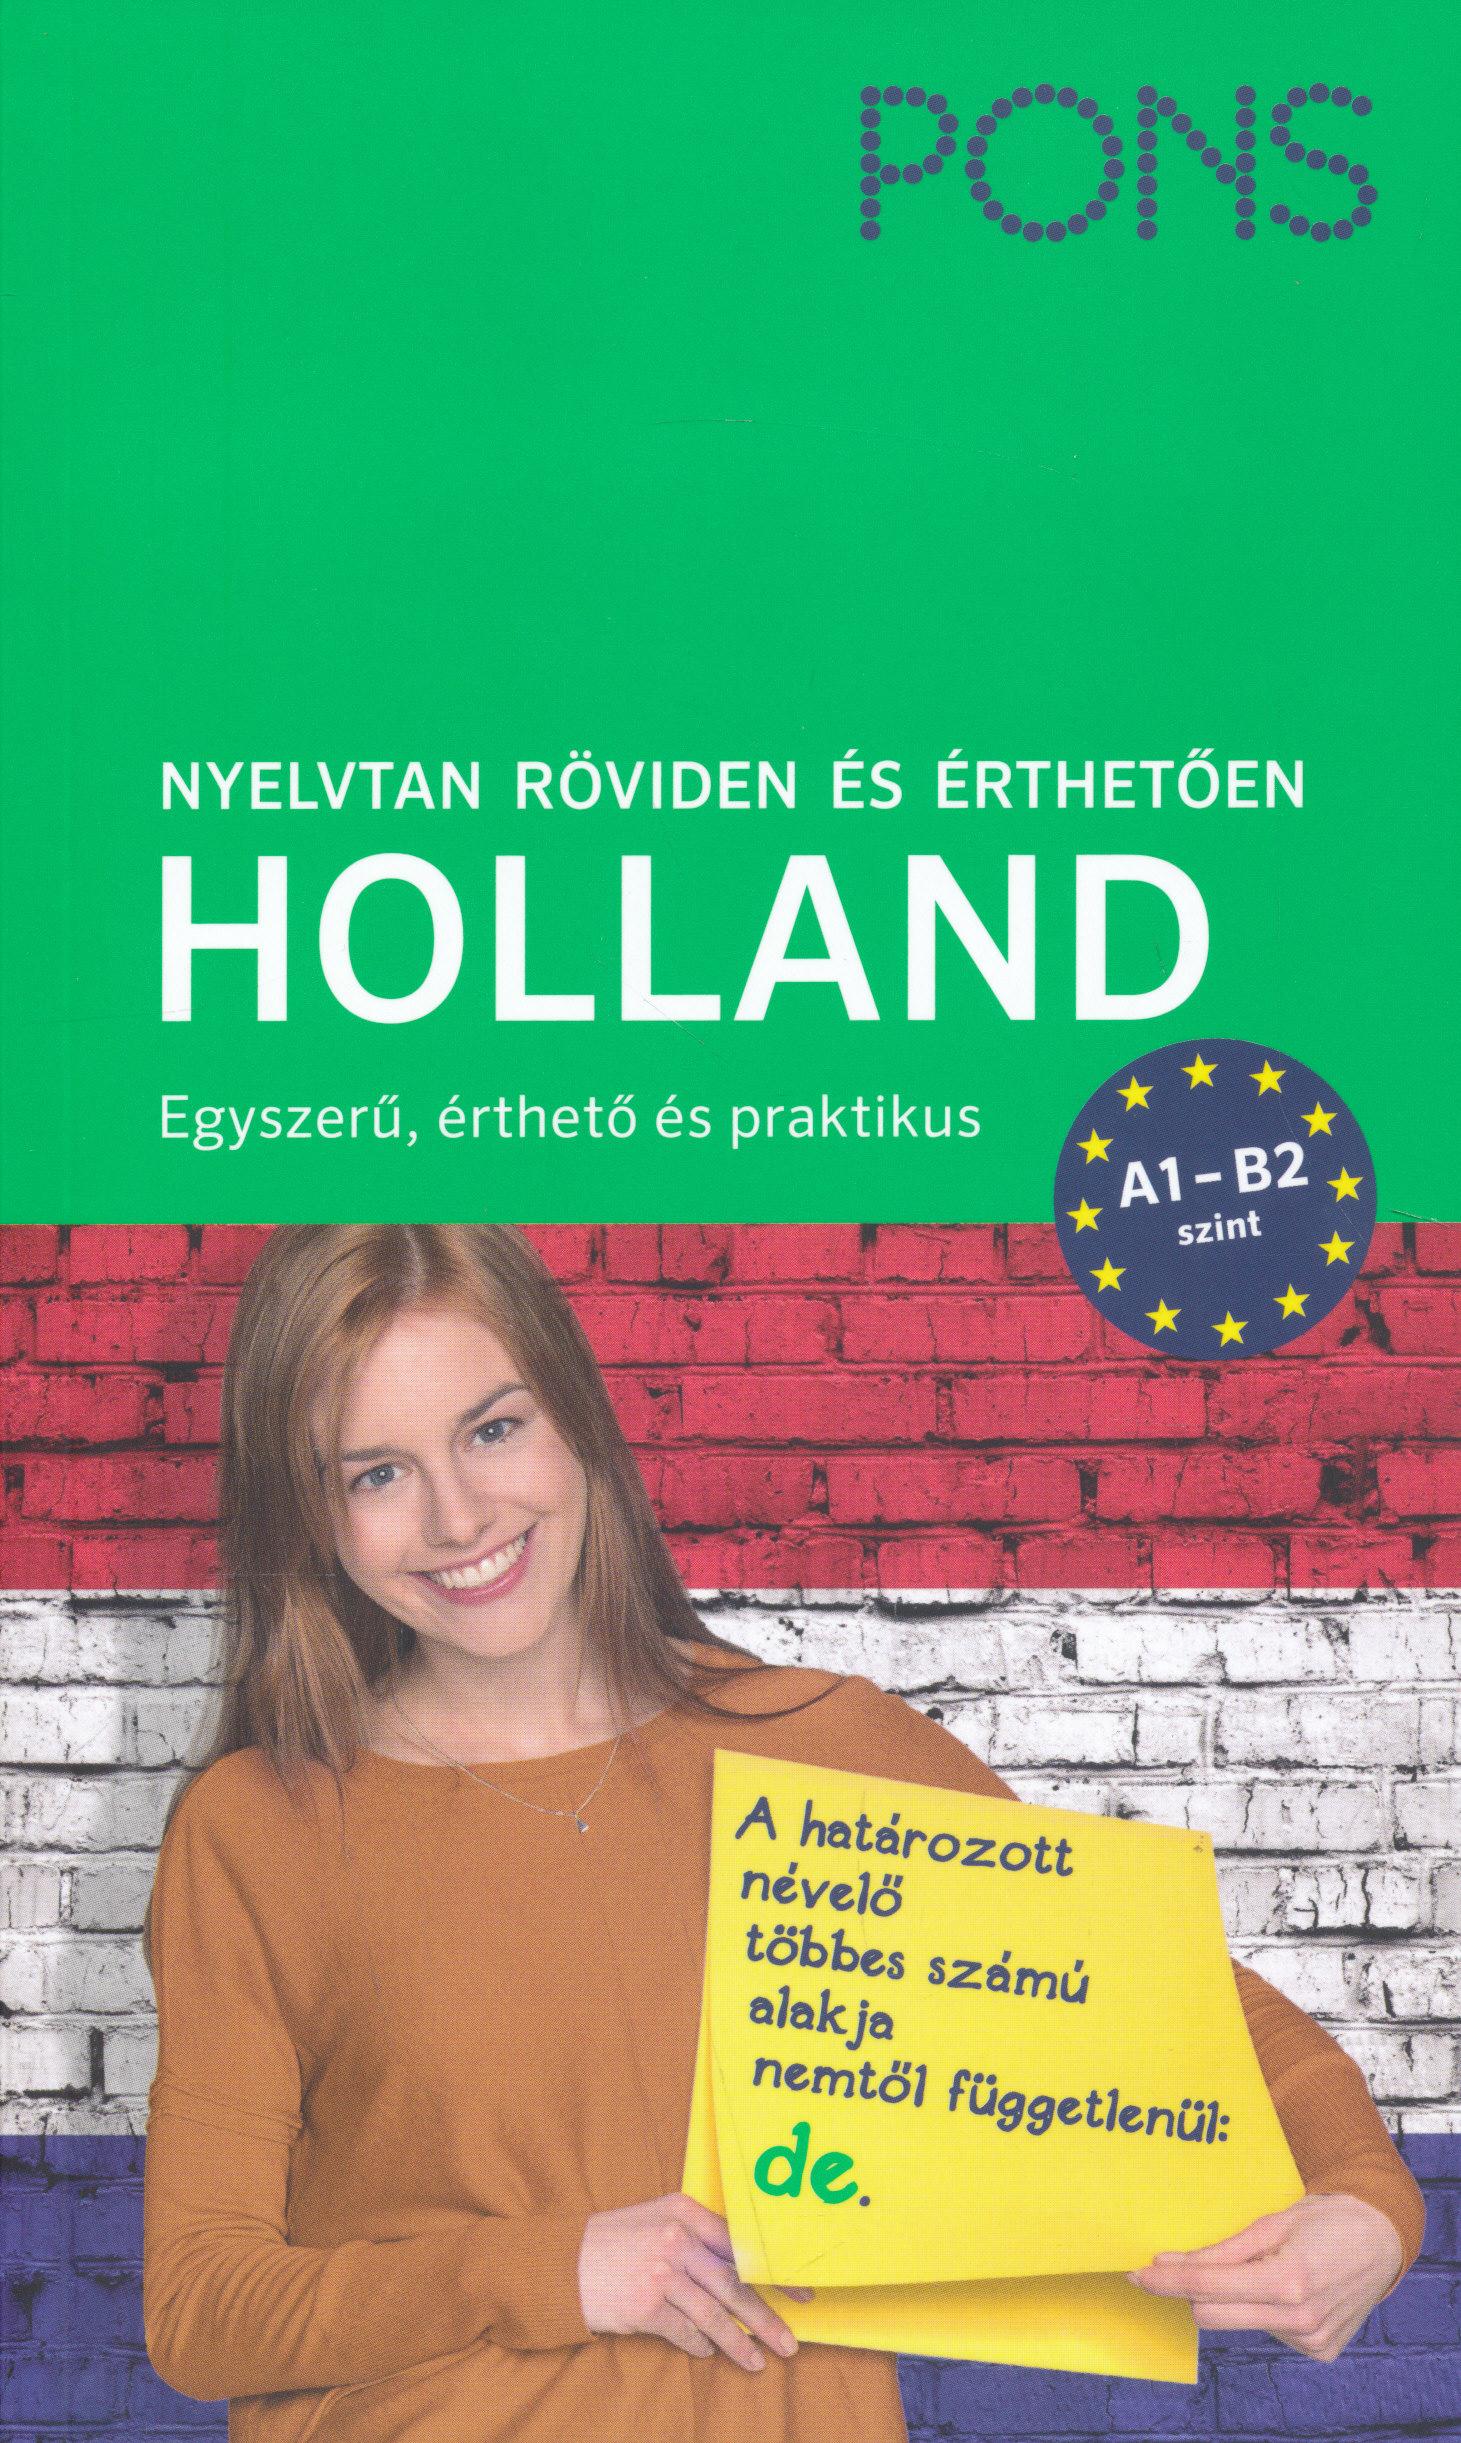 PONS Nyelvtan röviden és érthetően – Holland